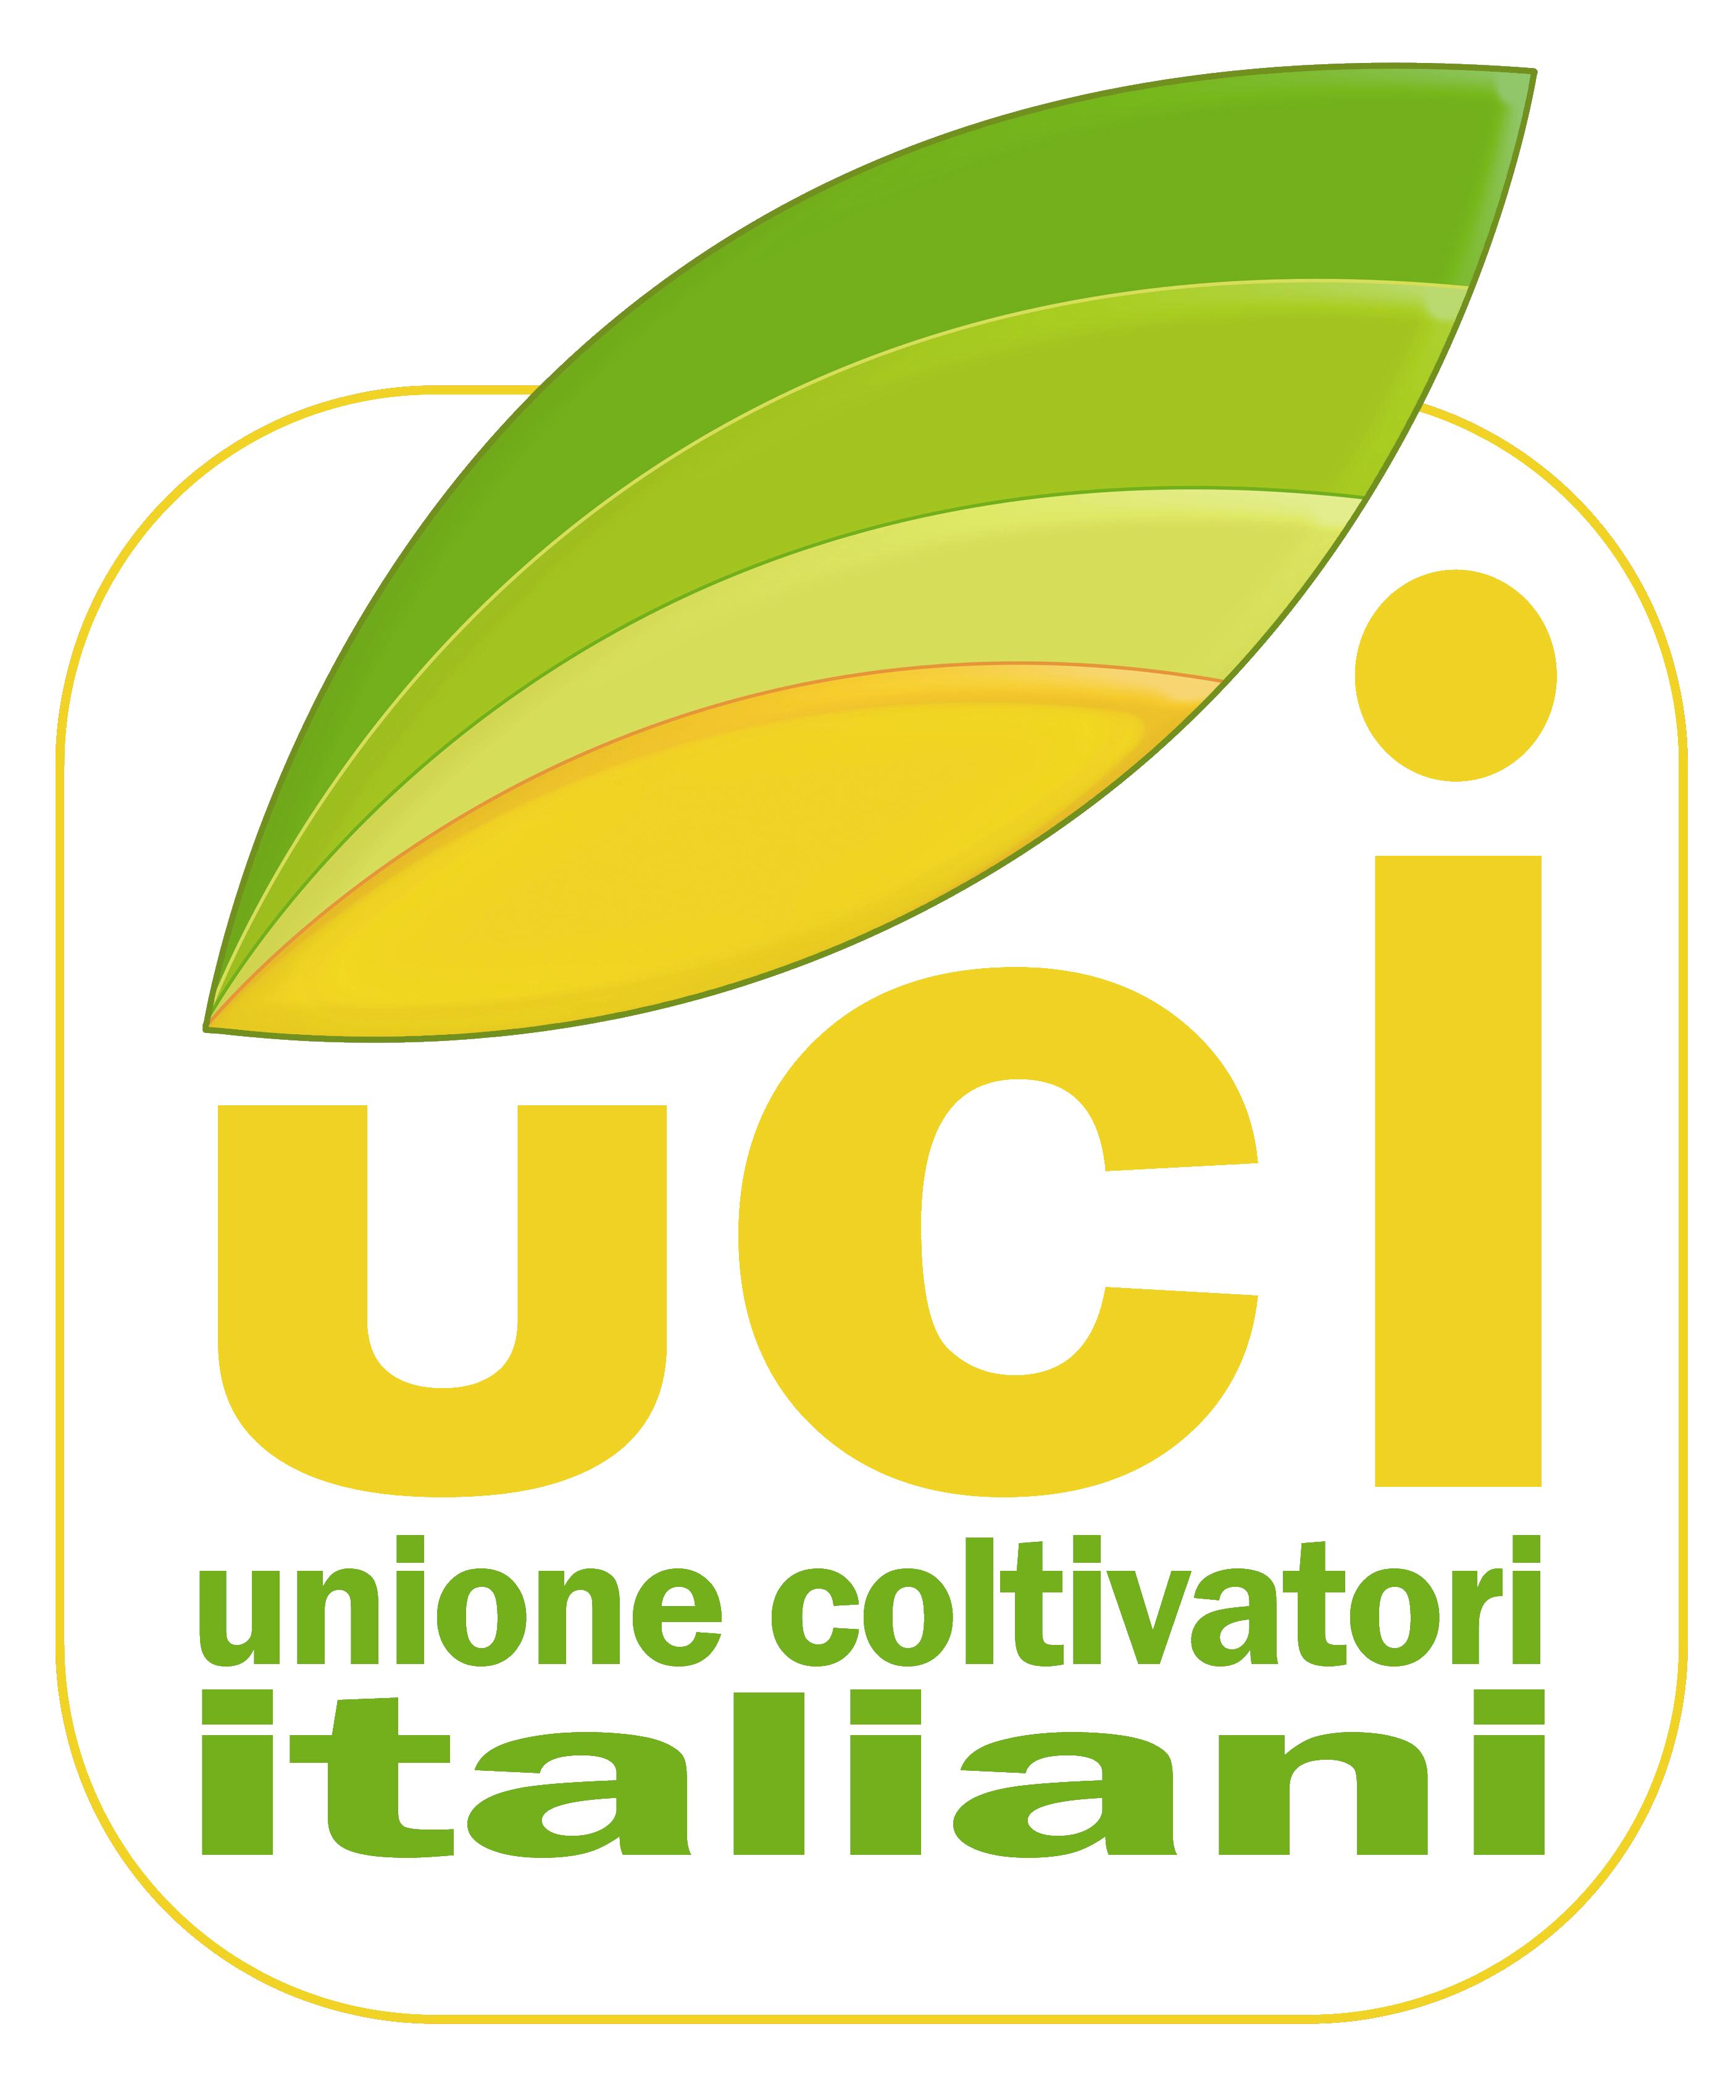 Unione Coltivatori Italiani